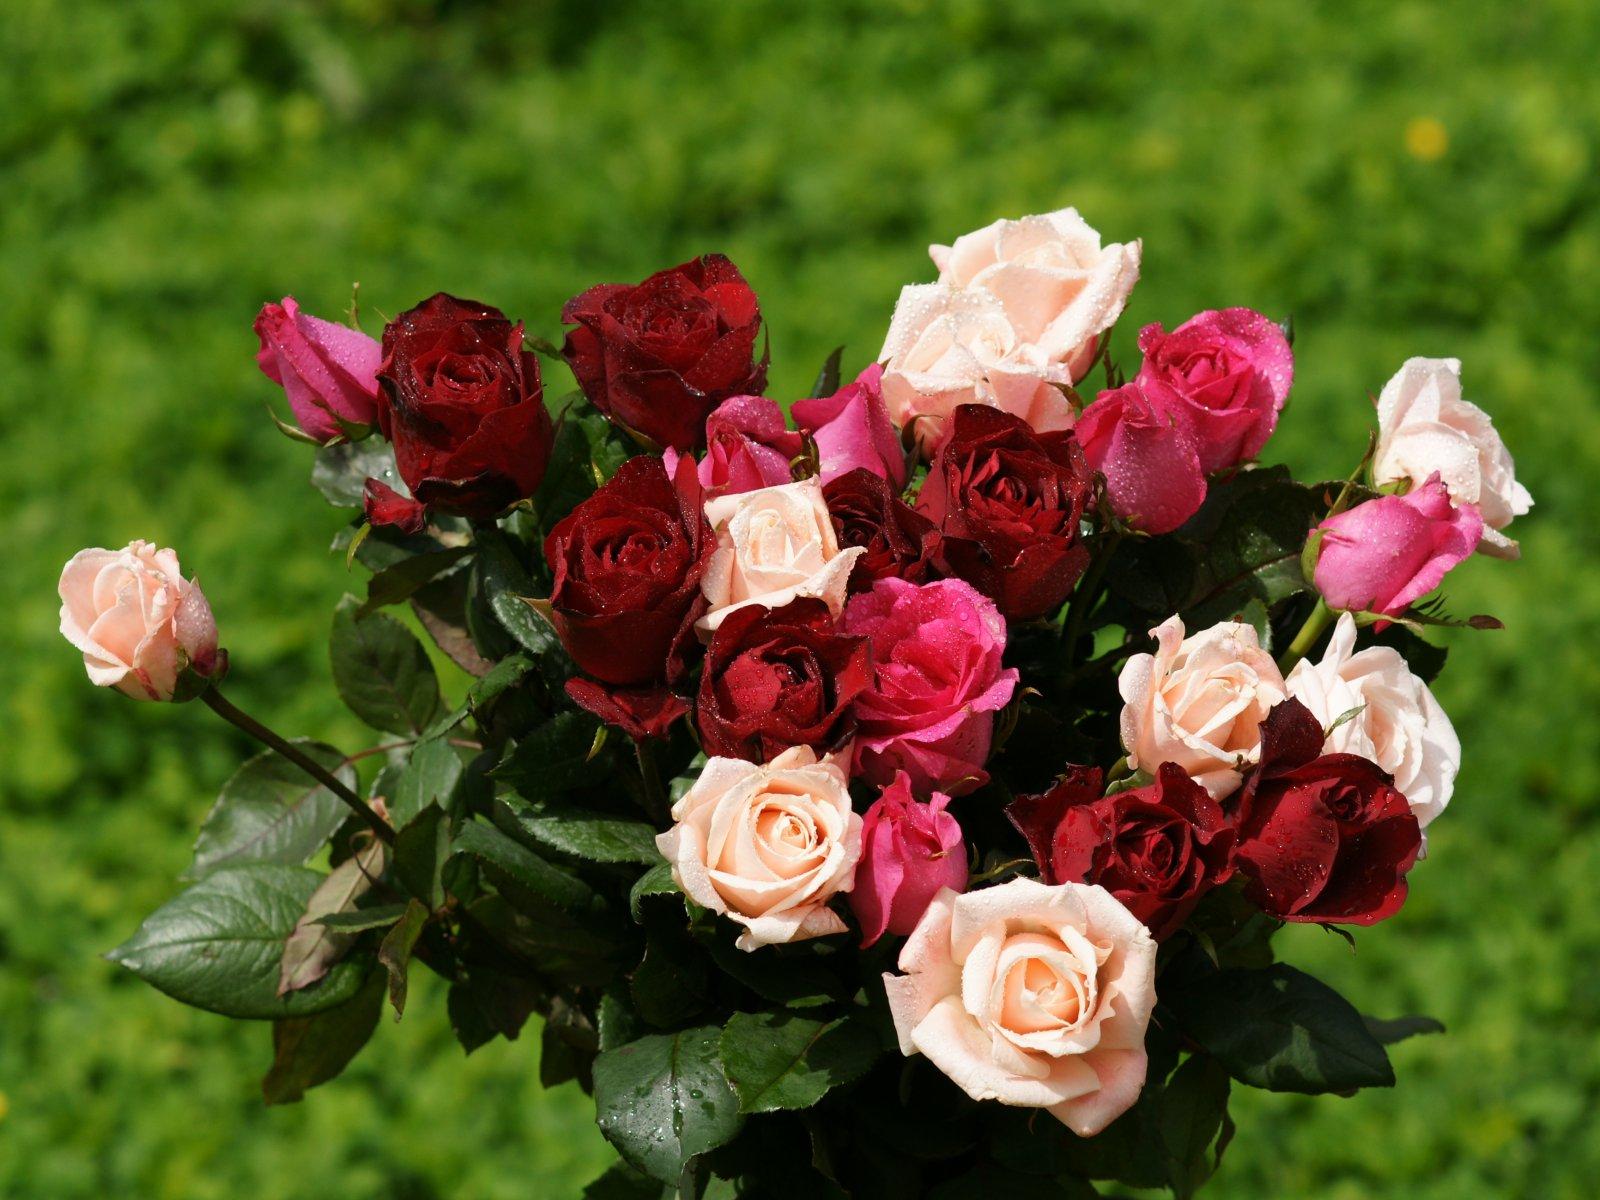 http://4.bp.blogspot.com/_EFOkLzJCJeA/TFU6Dip6TkI/AAAAAAAAAQ4/-4eOLge6EWI/s1600/wallpapers_rose_bouquet-dsc00851.jpg